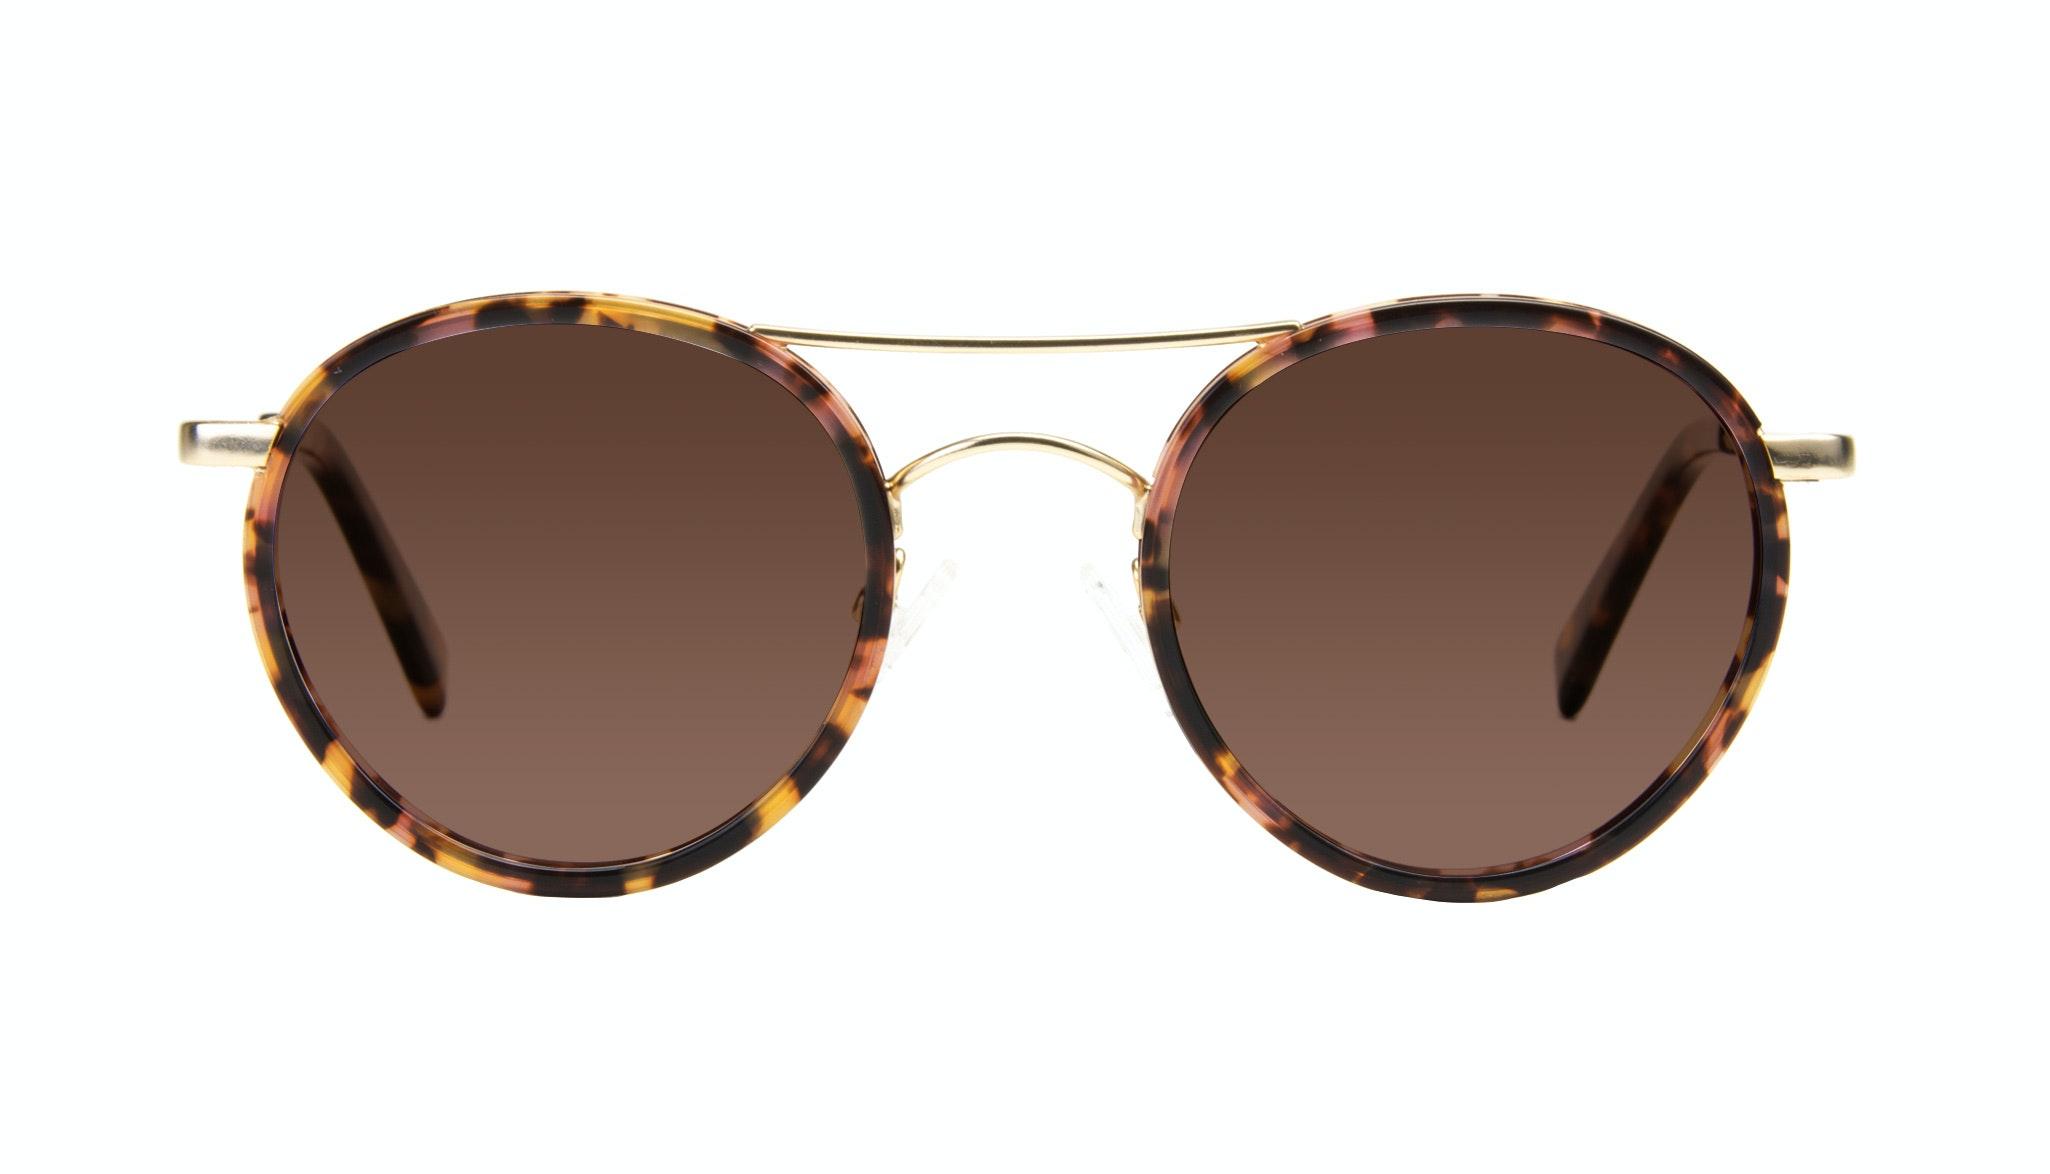 aviator round sunglasses  Women\u0027s Sunglasses - Chelsea in Gold Tortoise